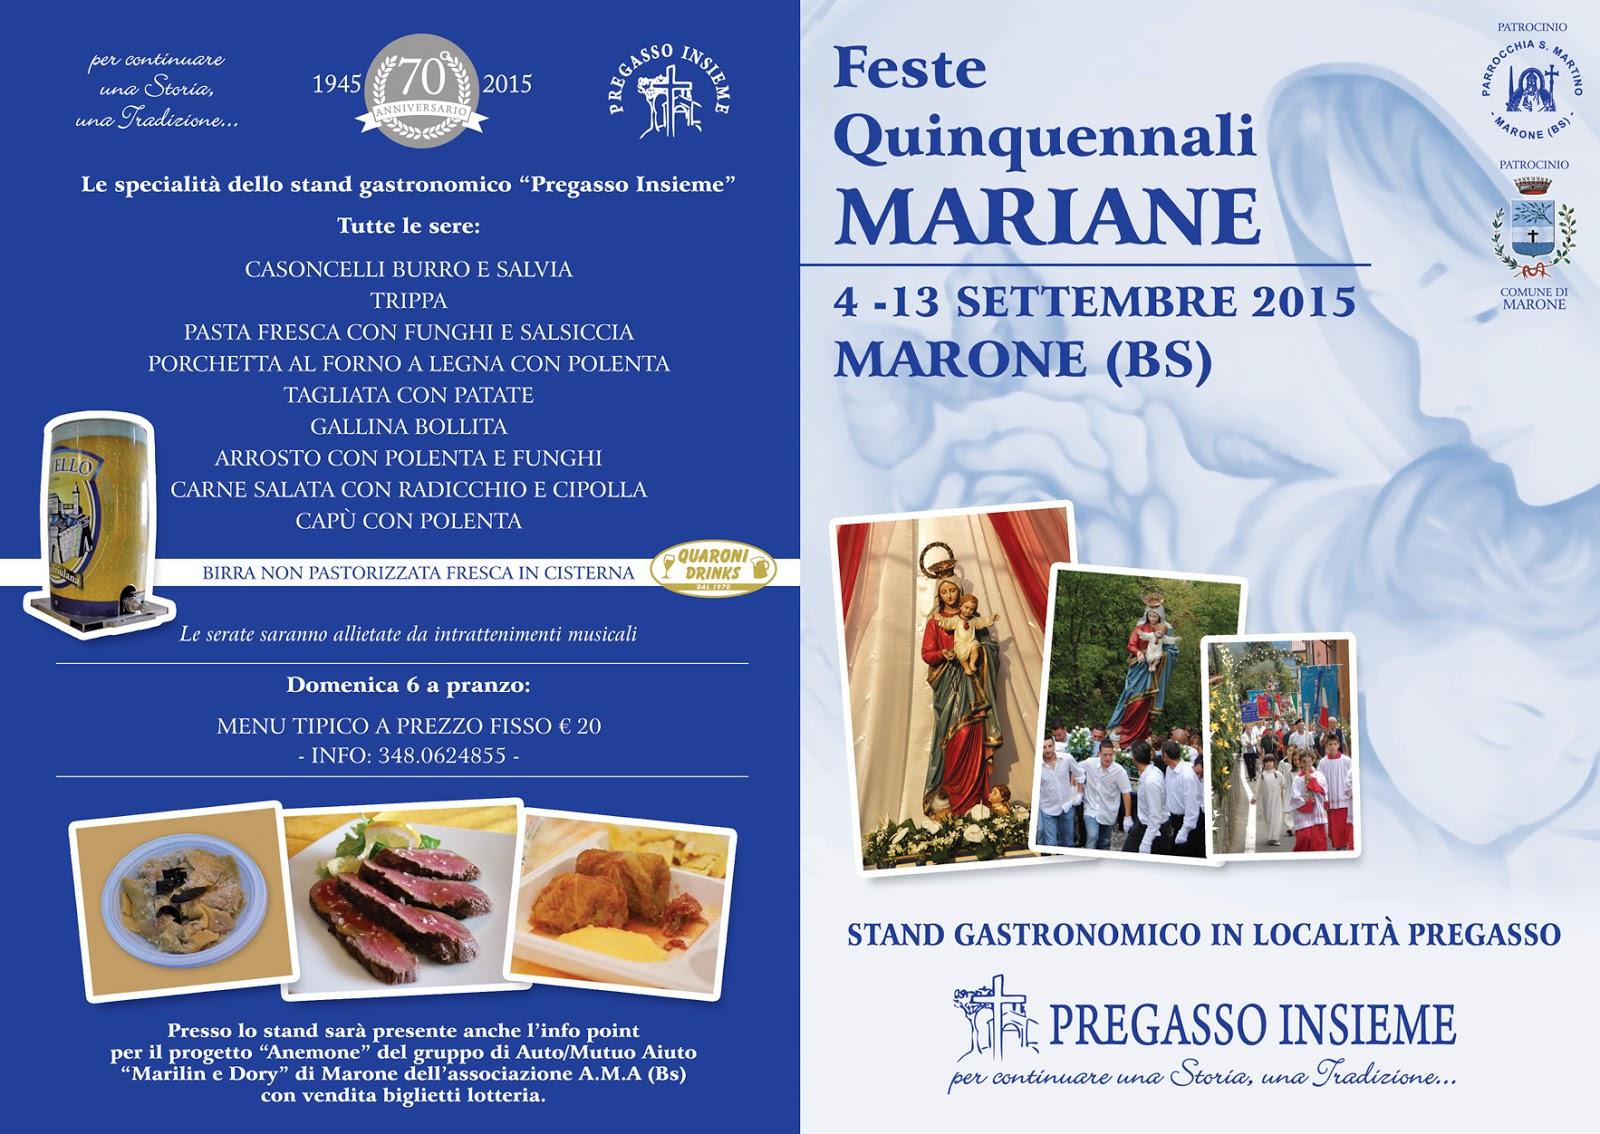 Feste Mariane